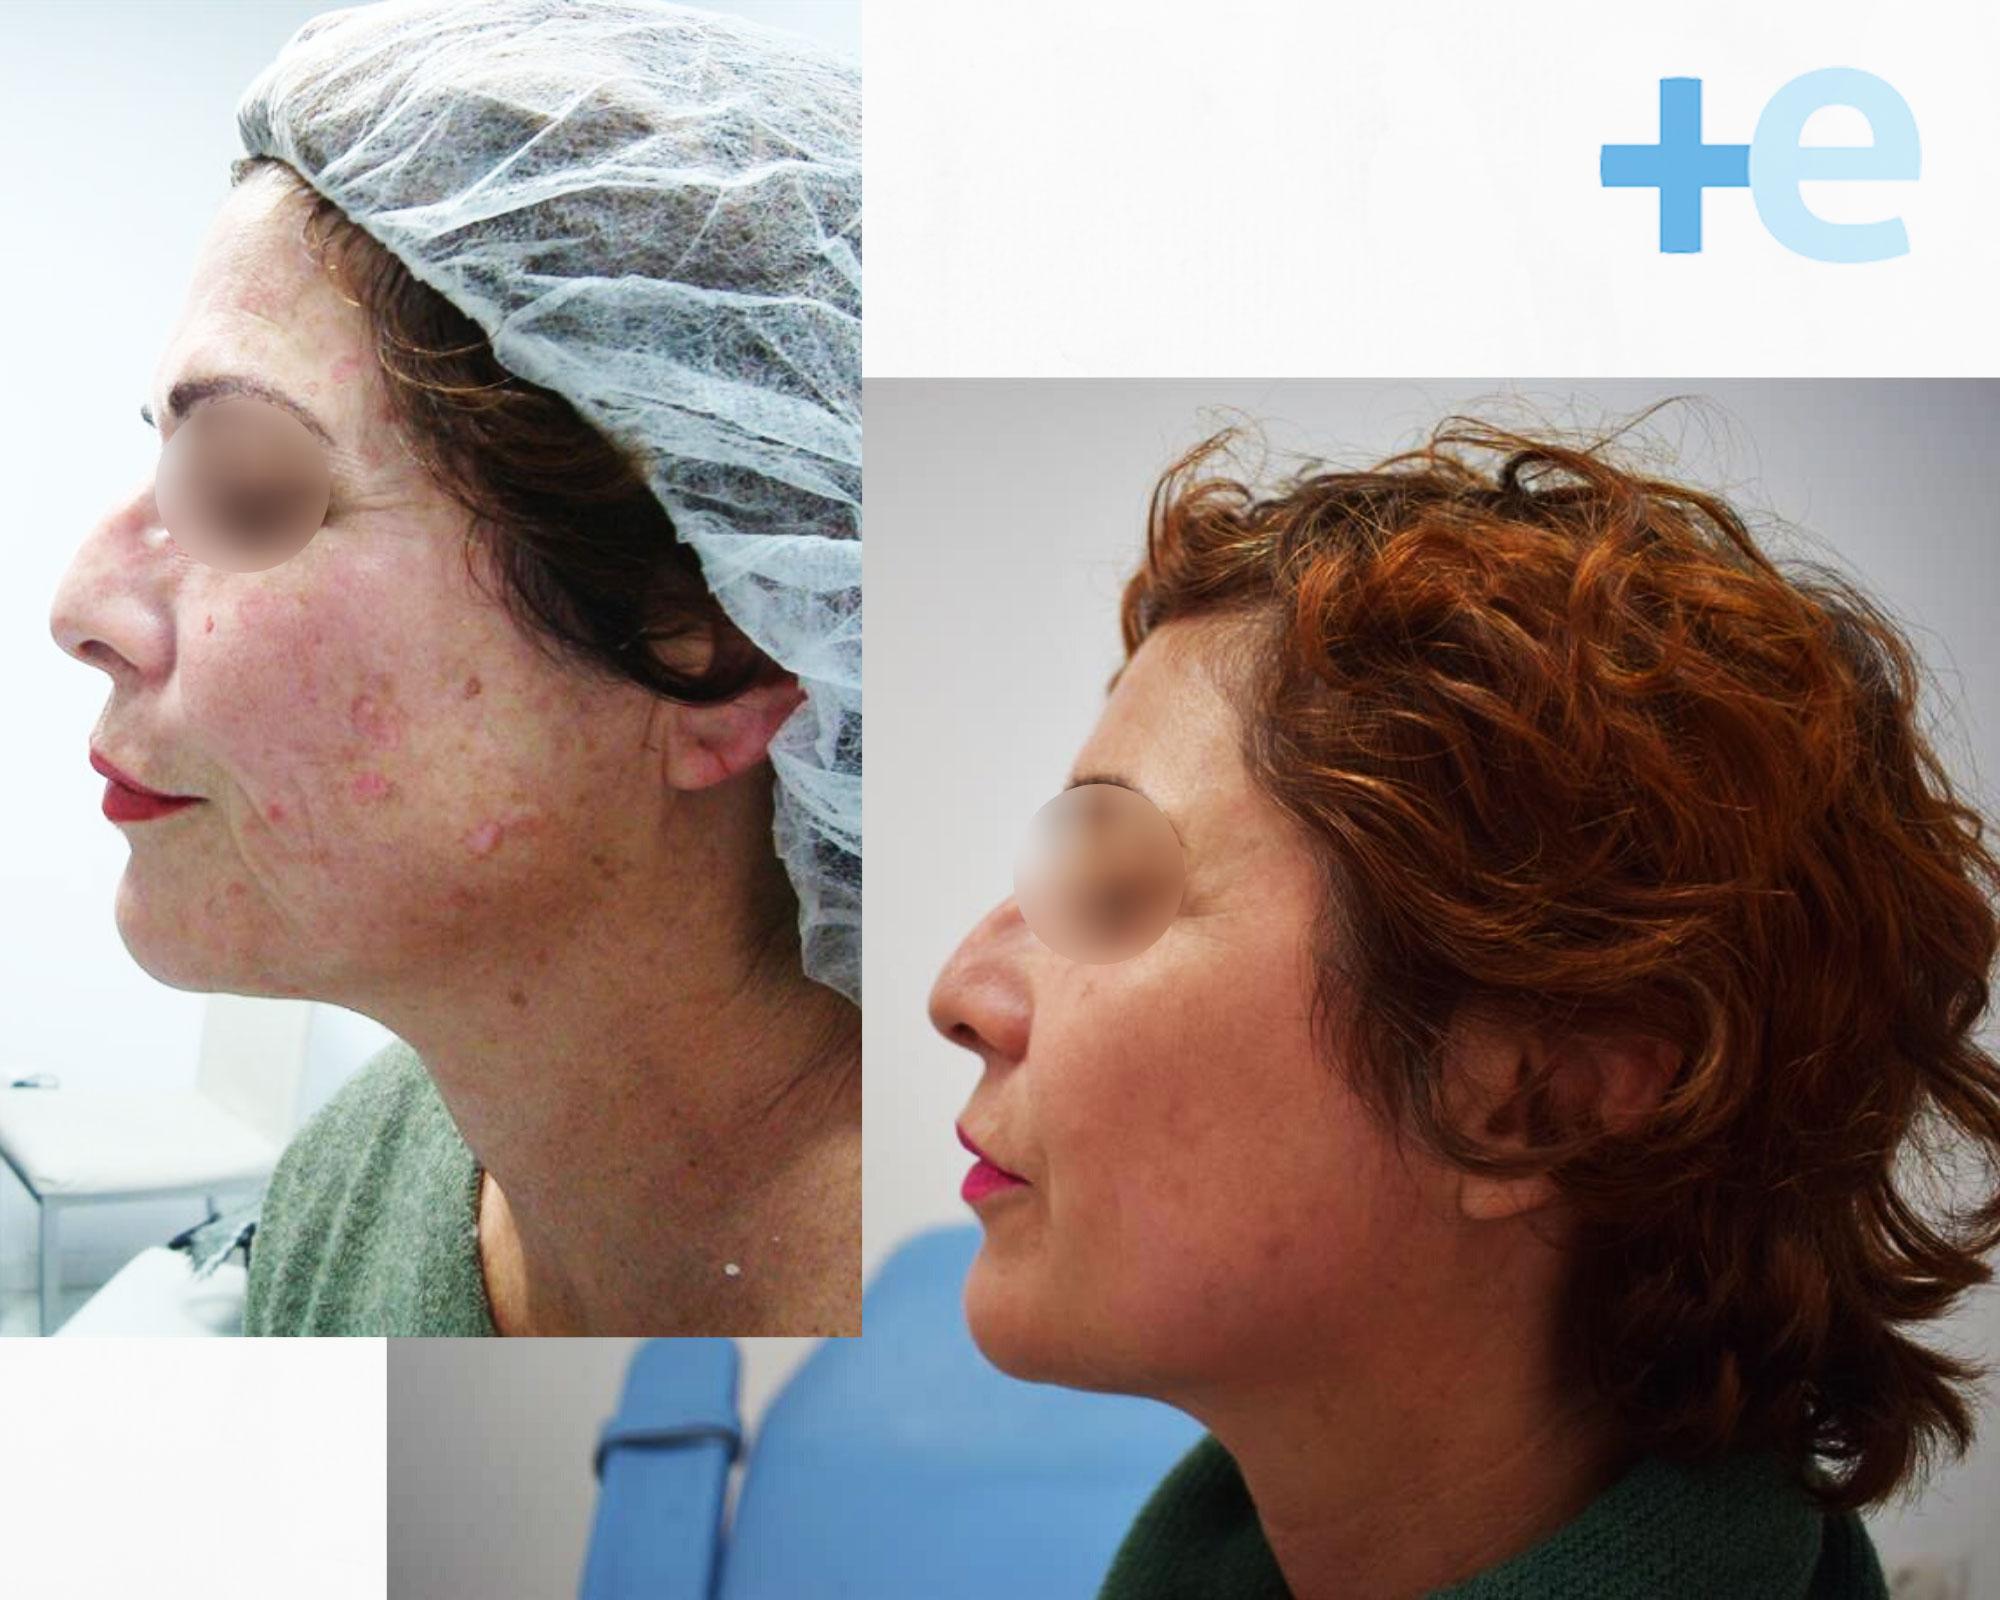 antes y despues ultherapy manchas euroclinicas de especialidades vera almeria